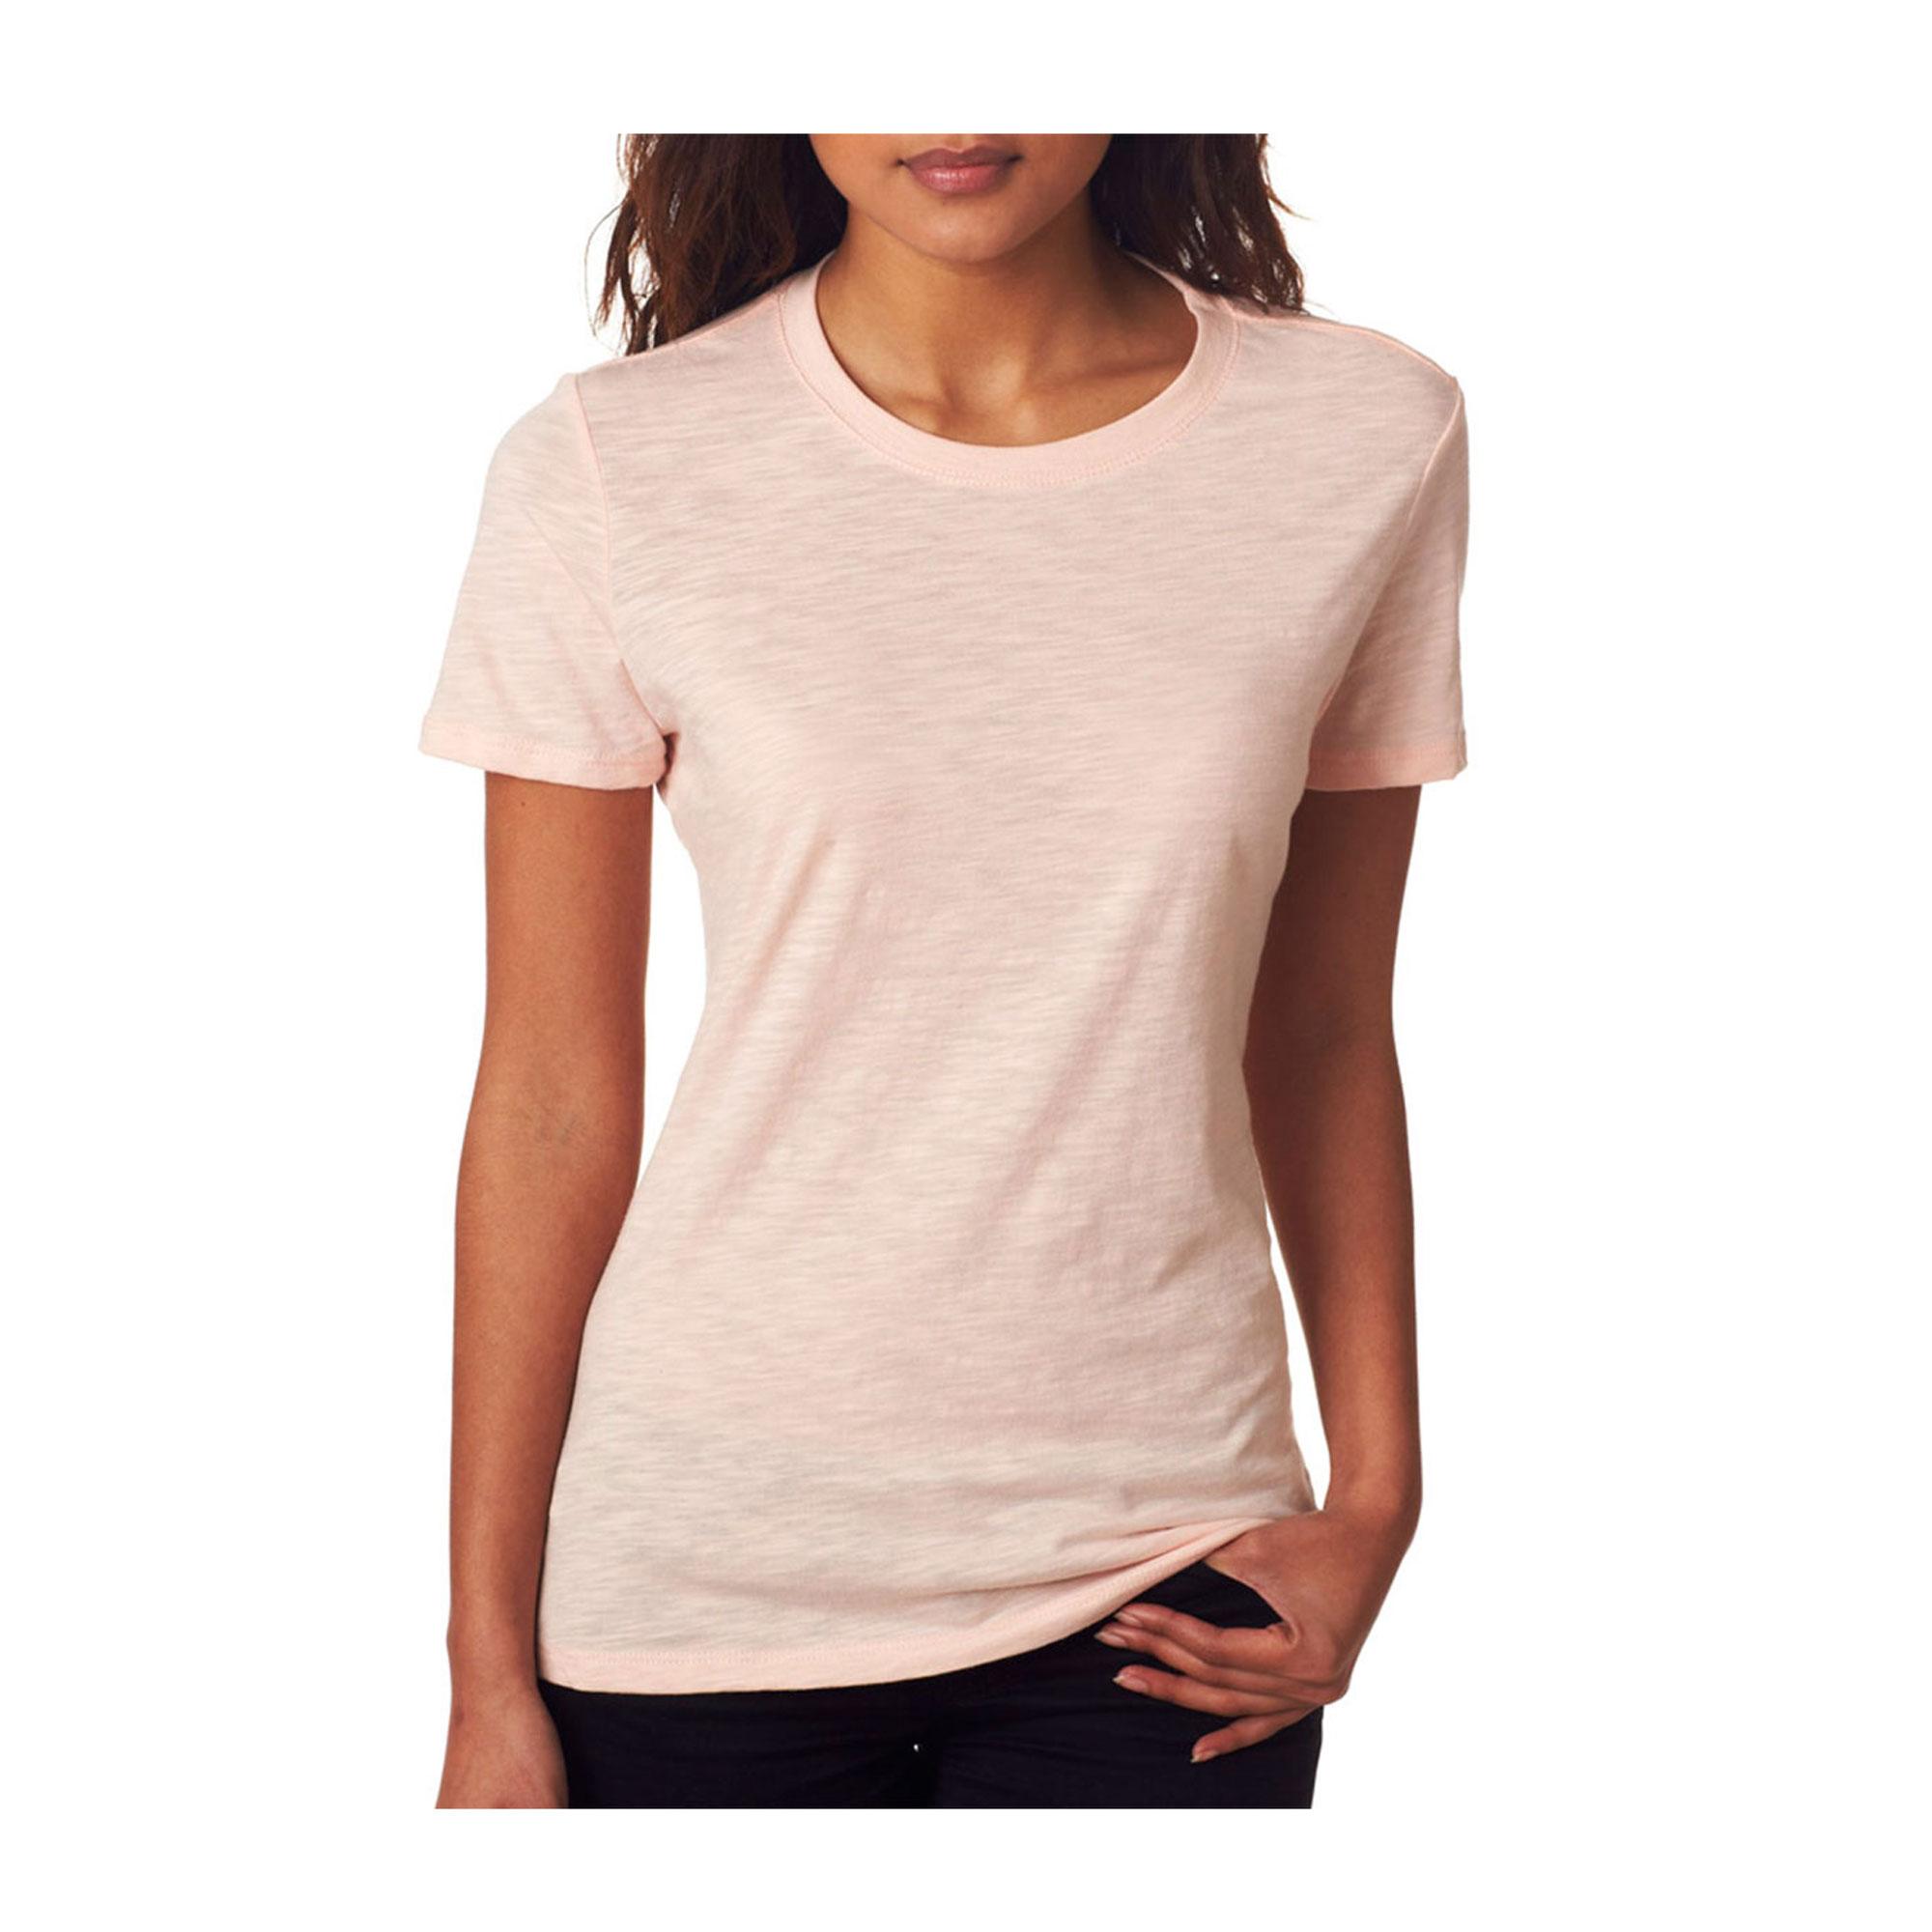 Next Level Women's Rib Collar Preshrunk Satin Label T-Shirt, Style NL6810